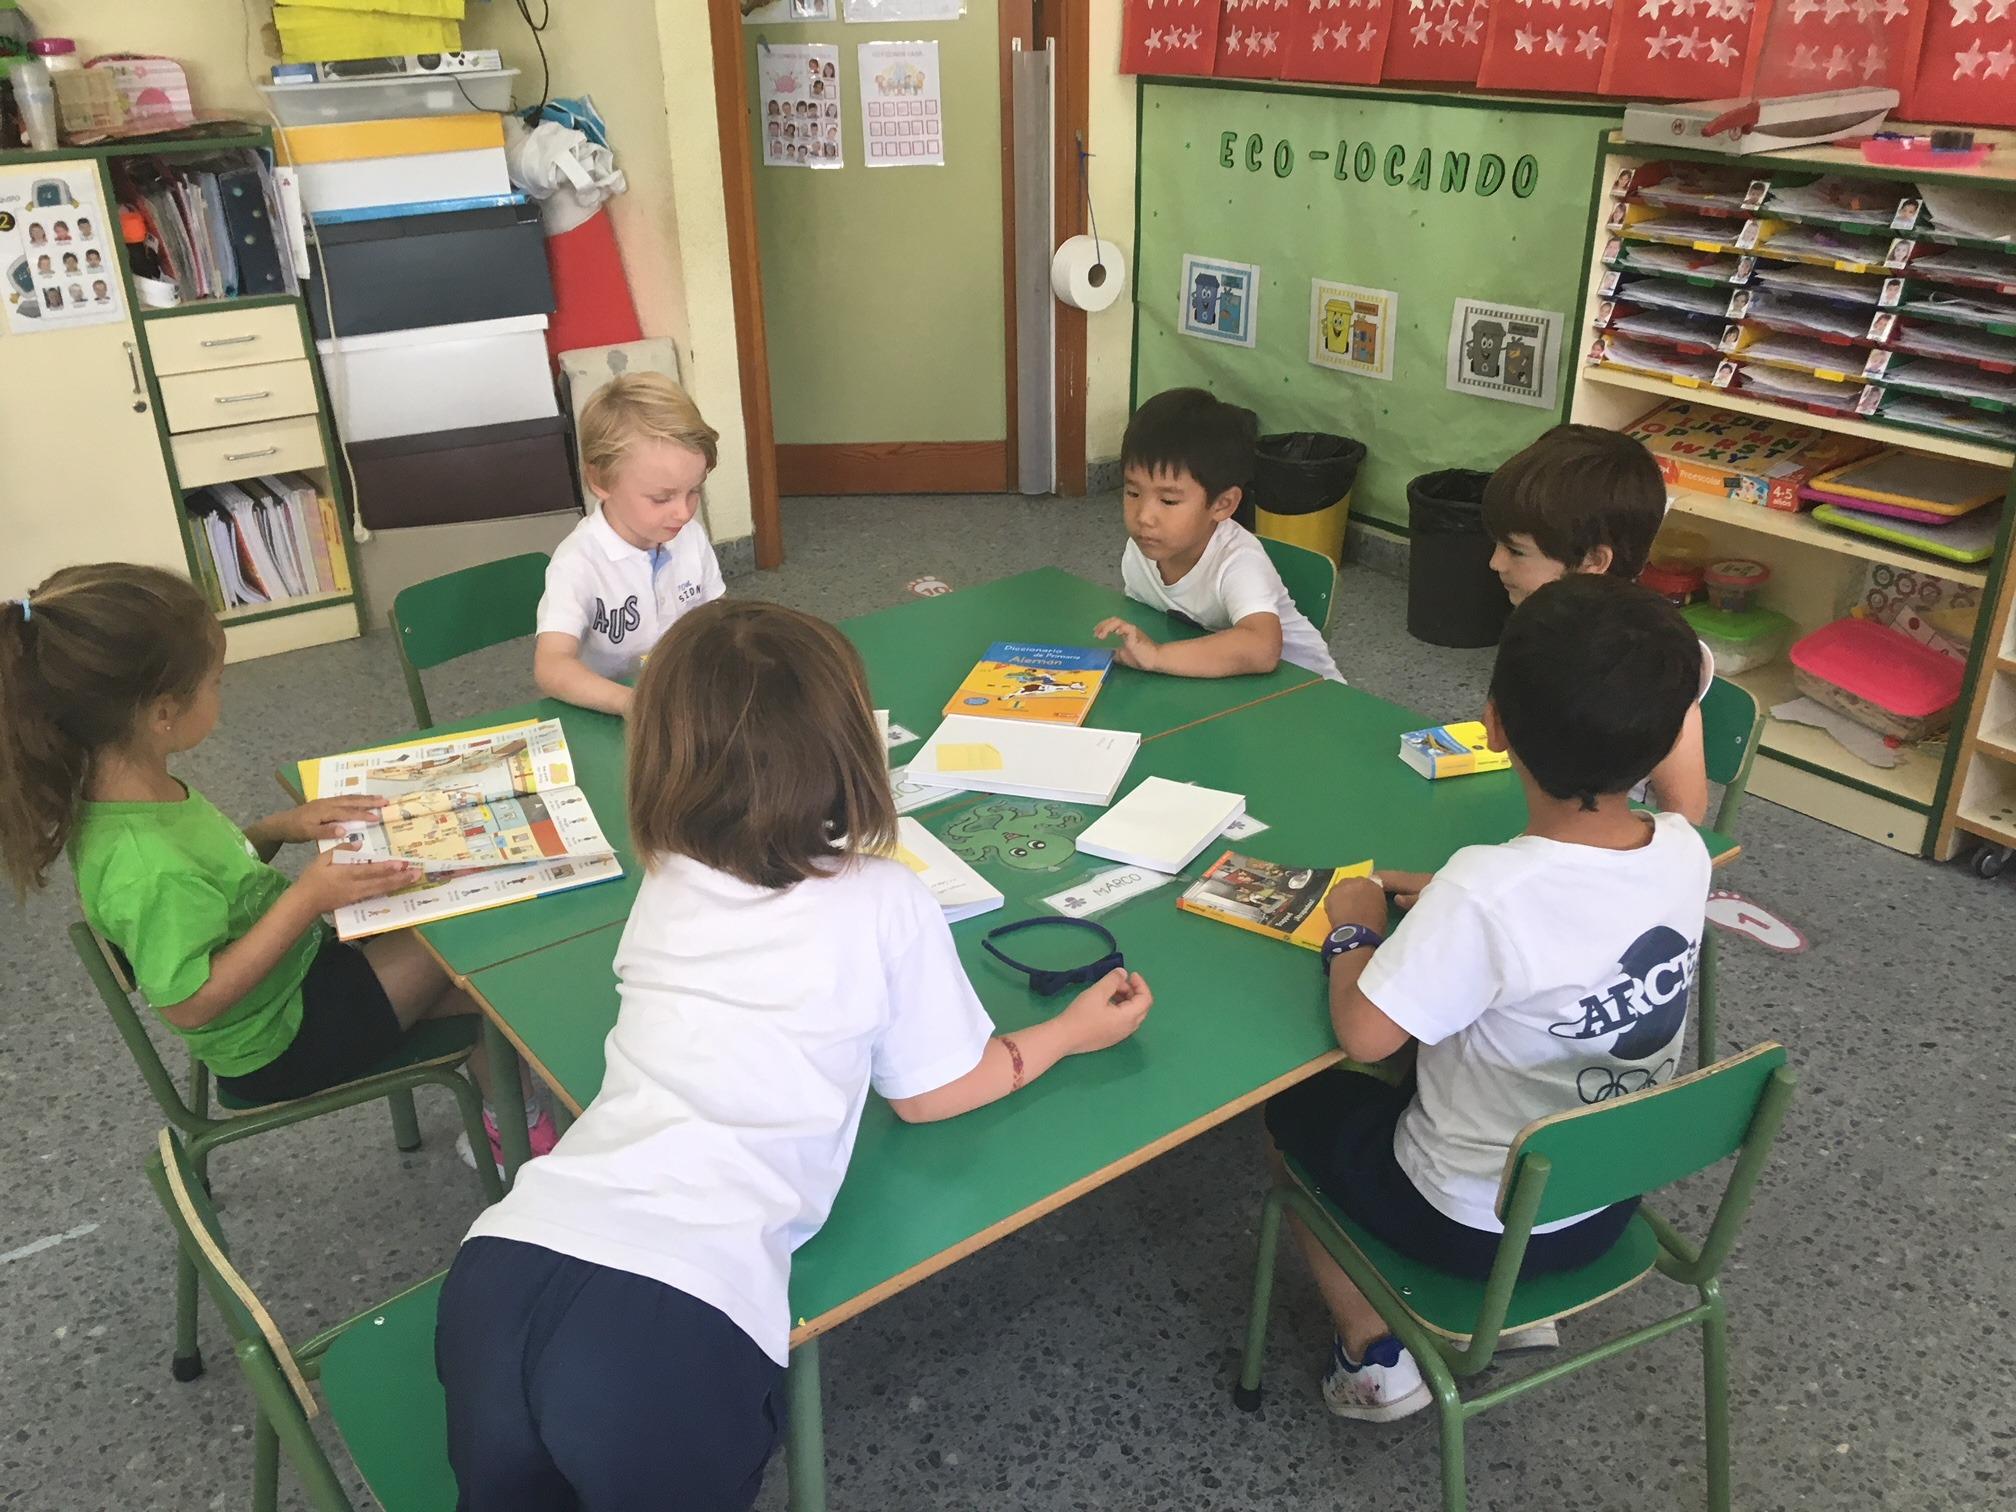 2018_06_25_Los pulpos disfrutan de un taller de libros 13